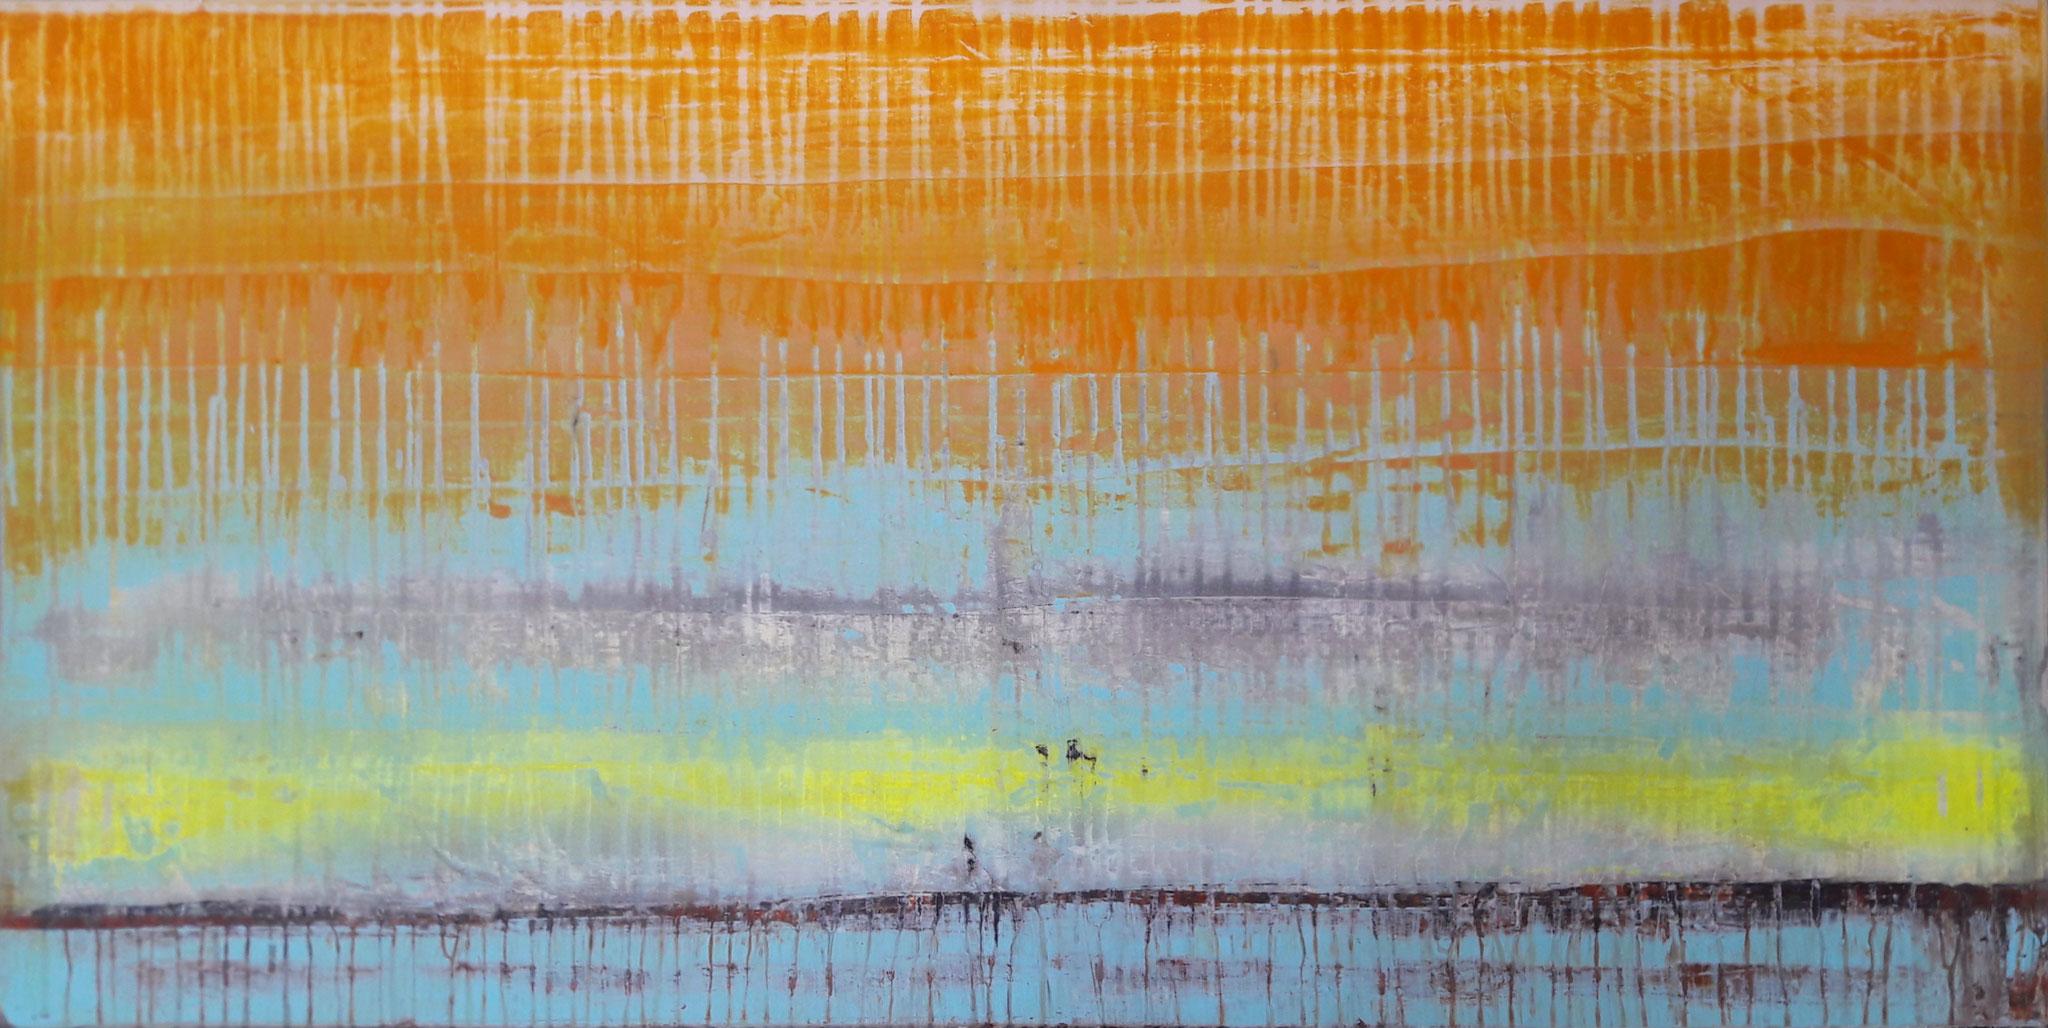 No. 127 Mischtechnik Acryl auf Leinwand 50x120 cm (2018)